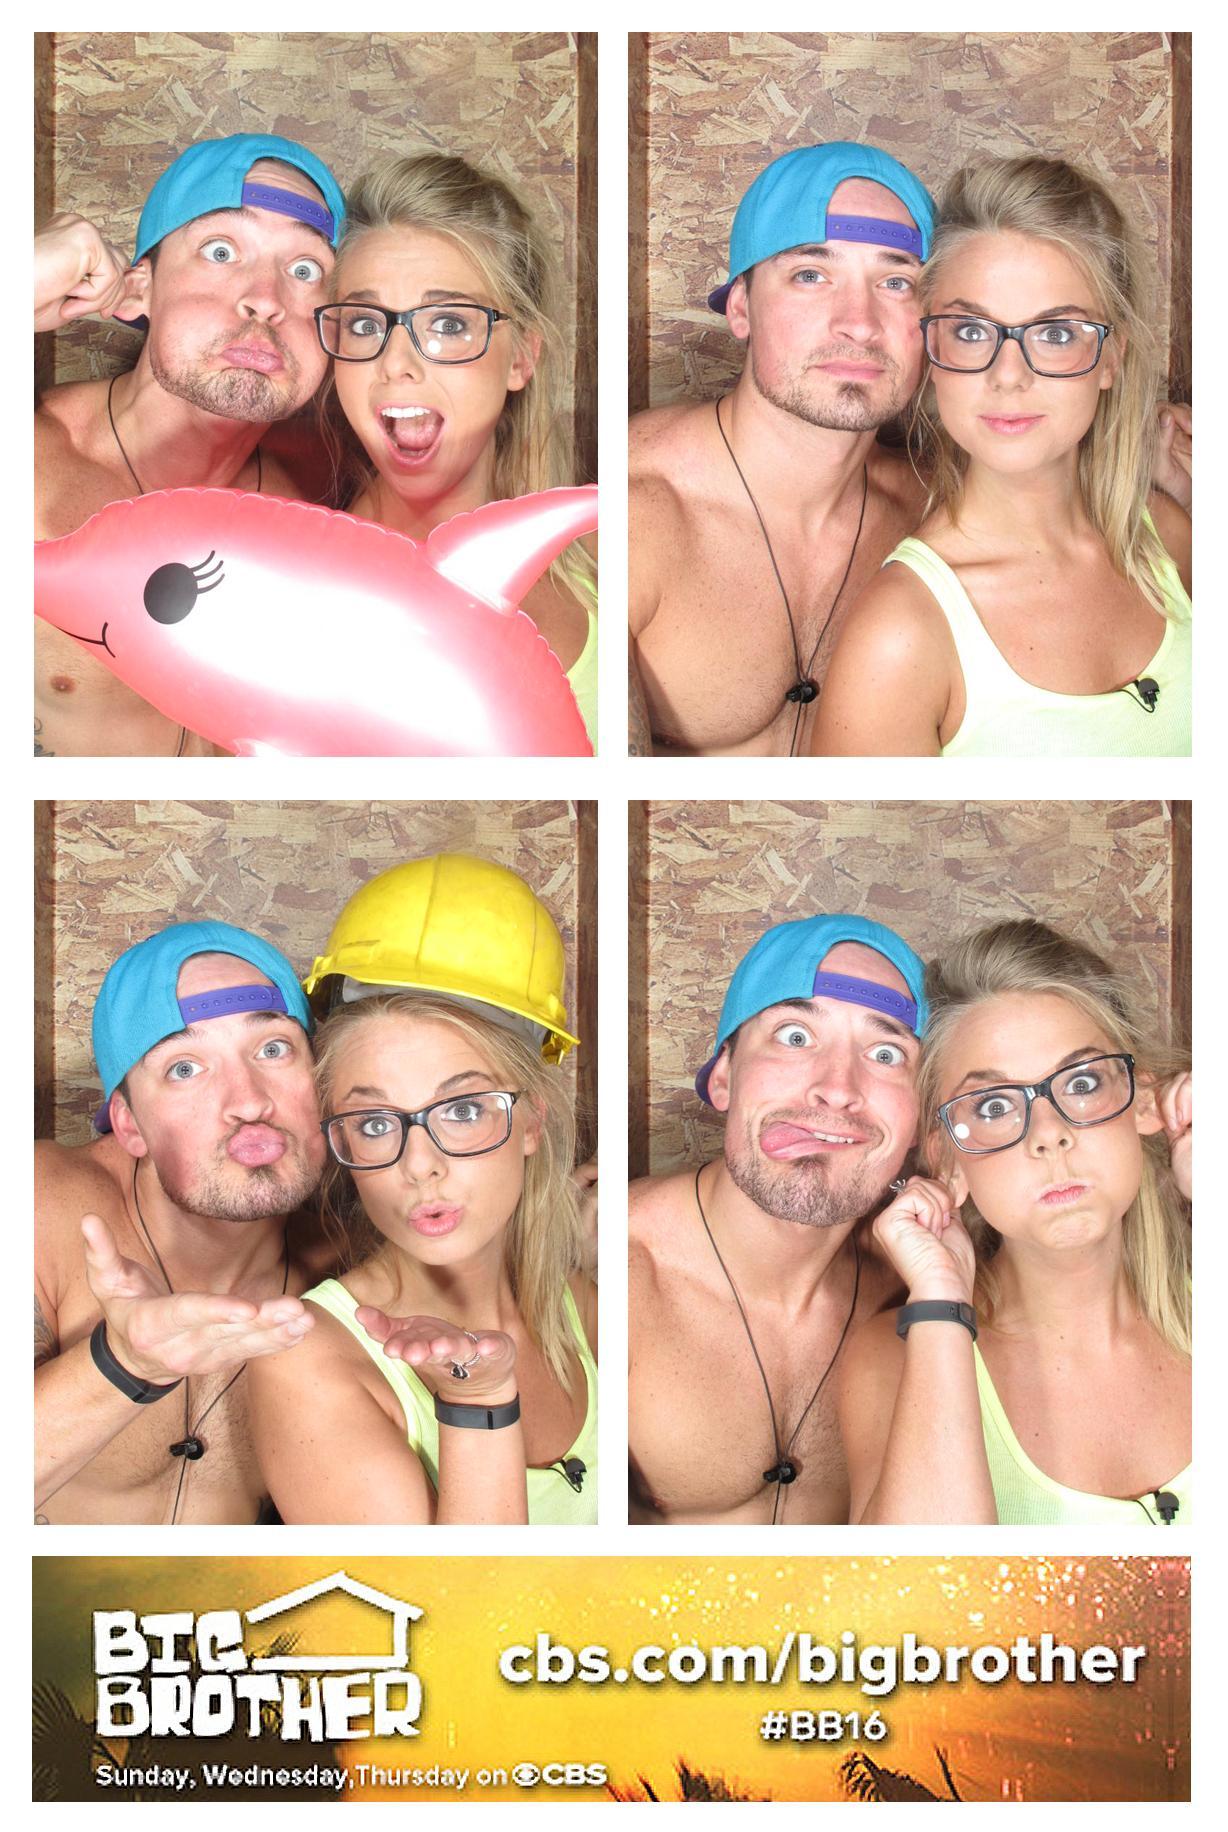 Caleb and Nicole